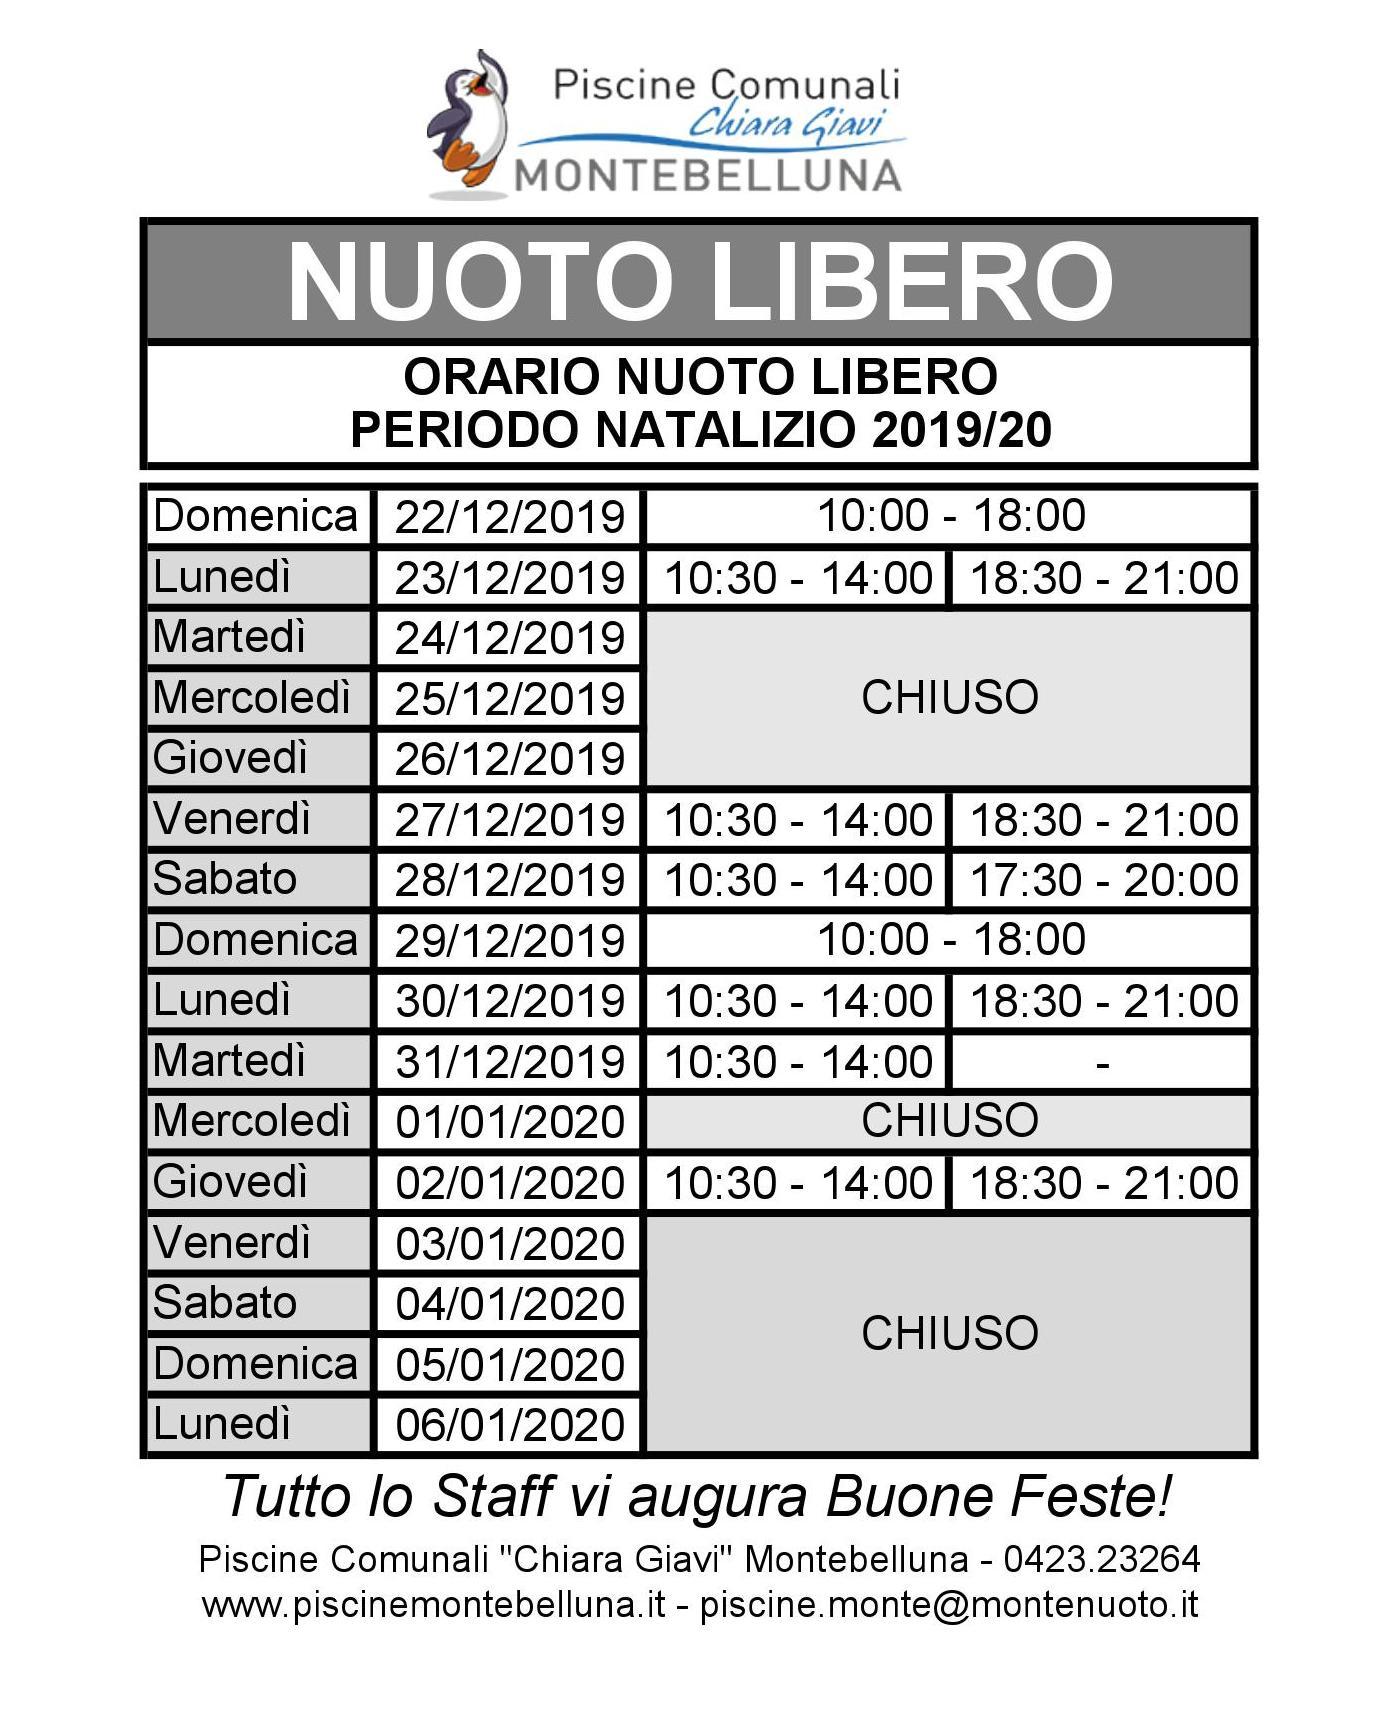 orari nuoto libero periodo natalizio 2019-20